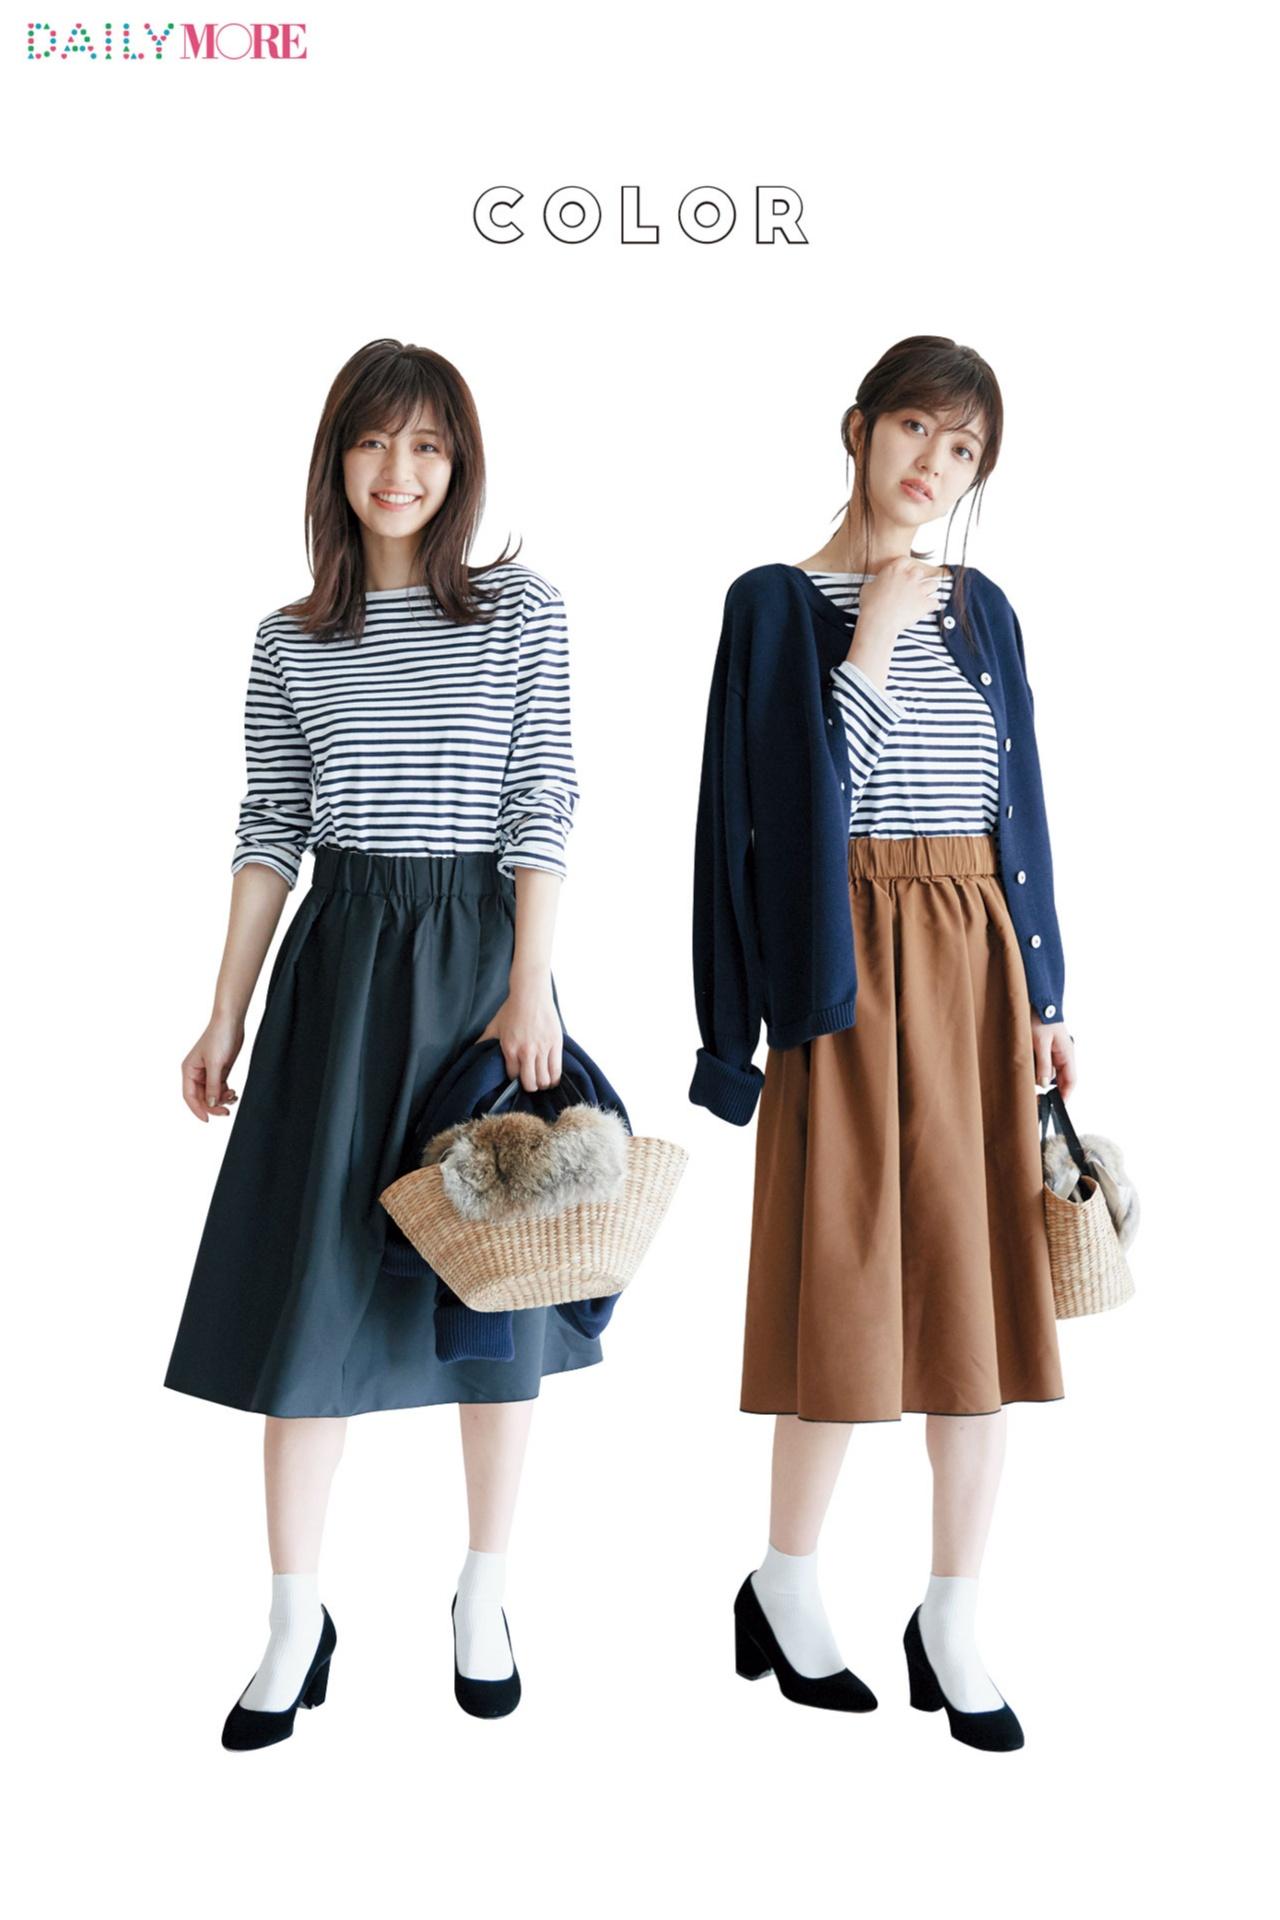 【同じ服だなんて誰も気づかない!?】秋のお仕事服が、ガラッとイメチェンできる「 リバーシブルスカート」を買わなくちゃ♪_1_1